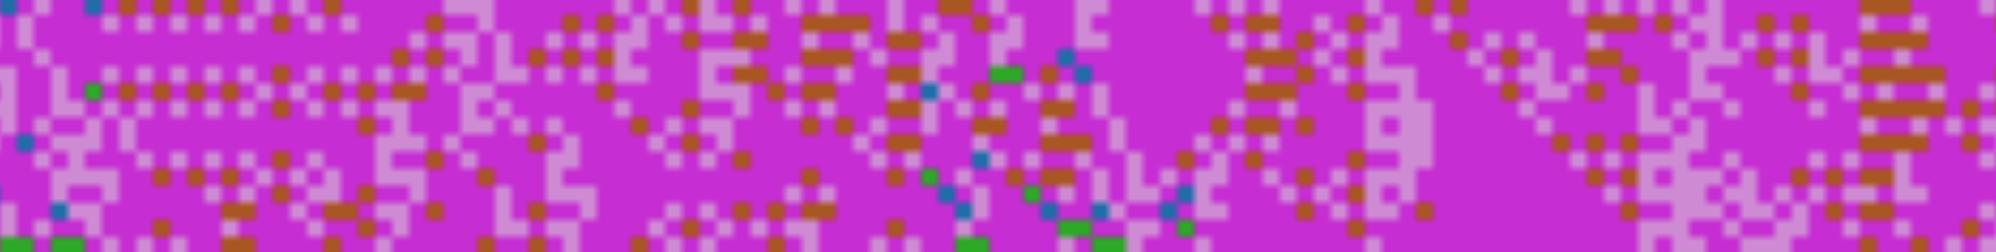 WolframTones Pattern